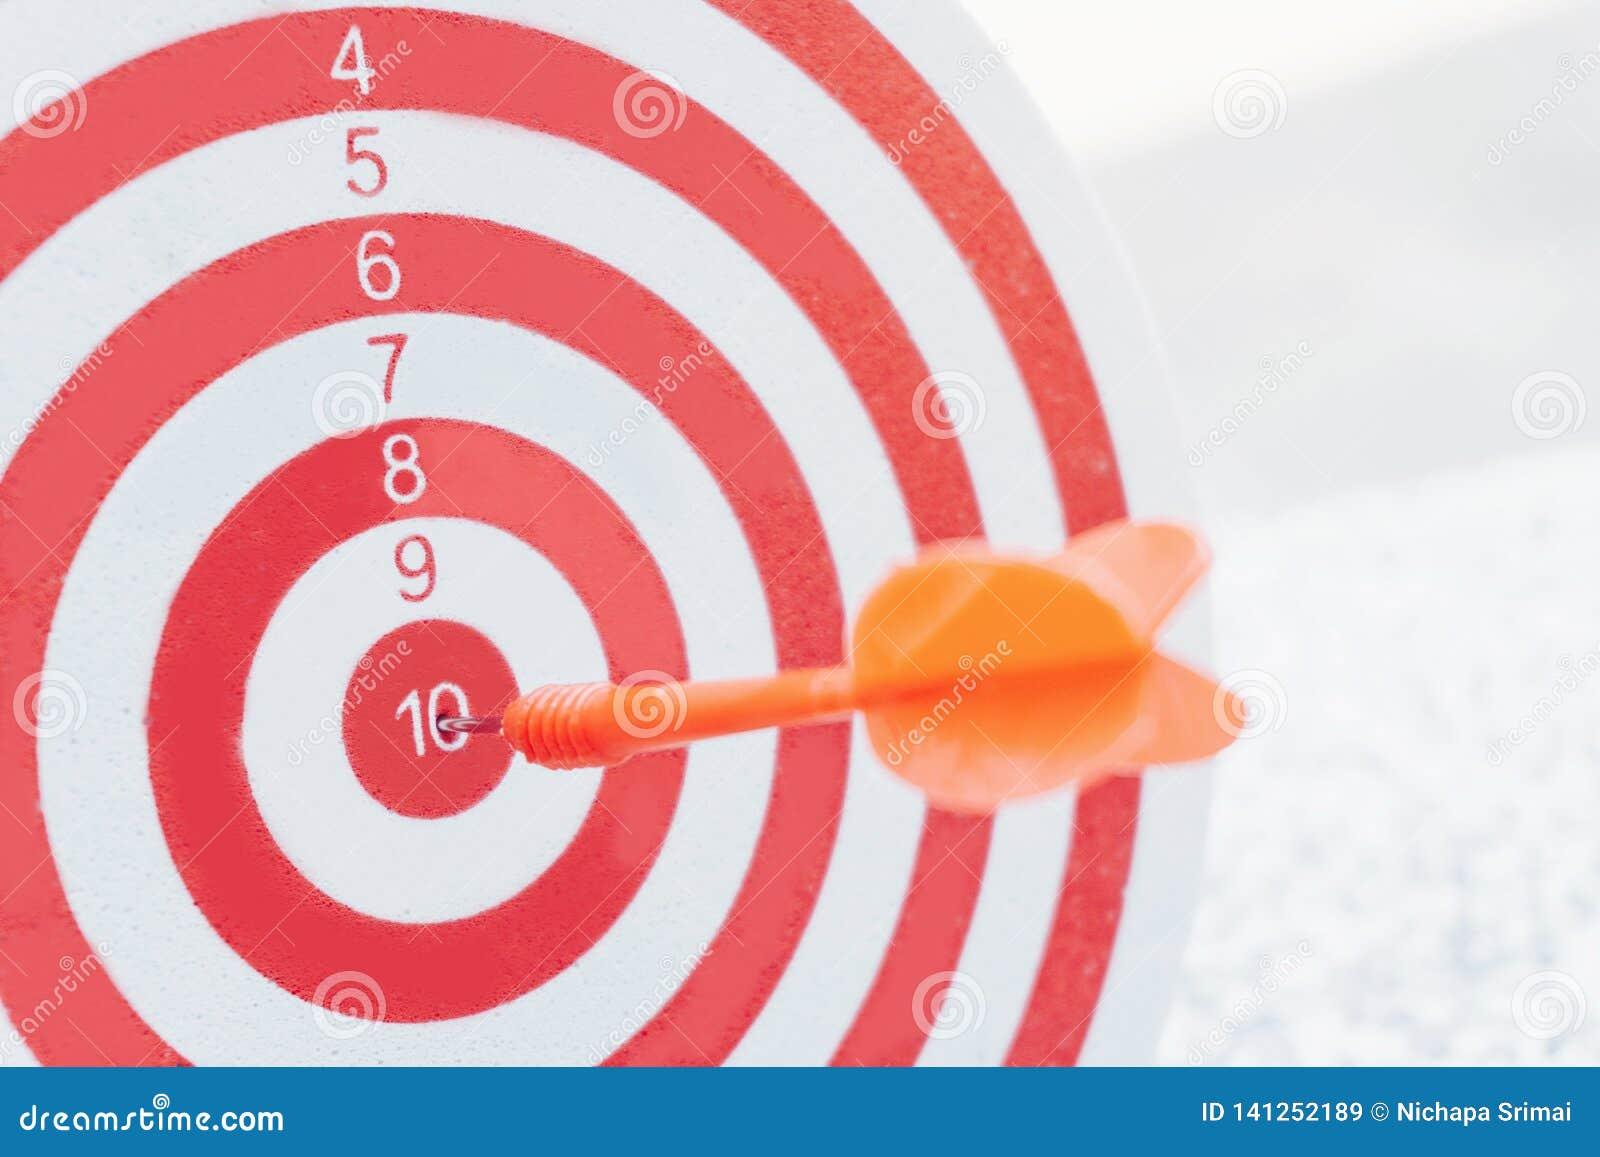 Setas do conceito da liderança no alvo do tiro ao arco do conceito do negócio do alvo do alvo